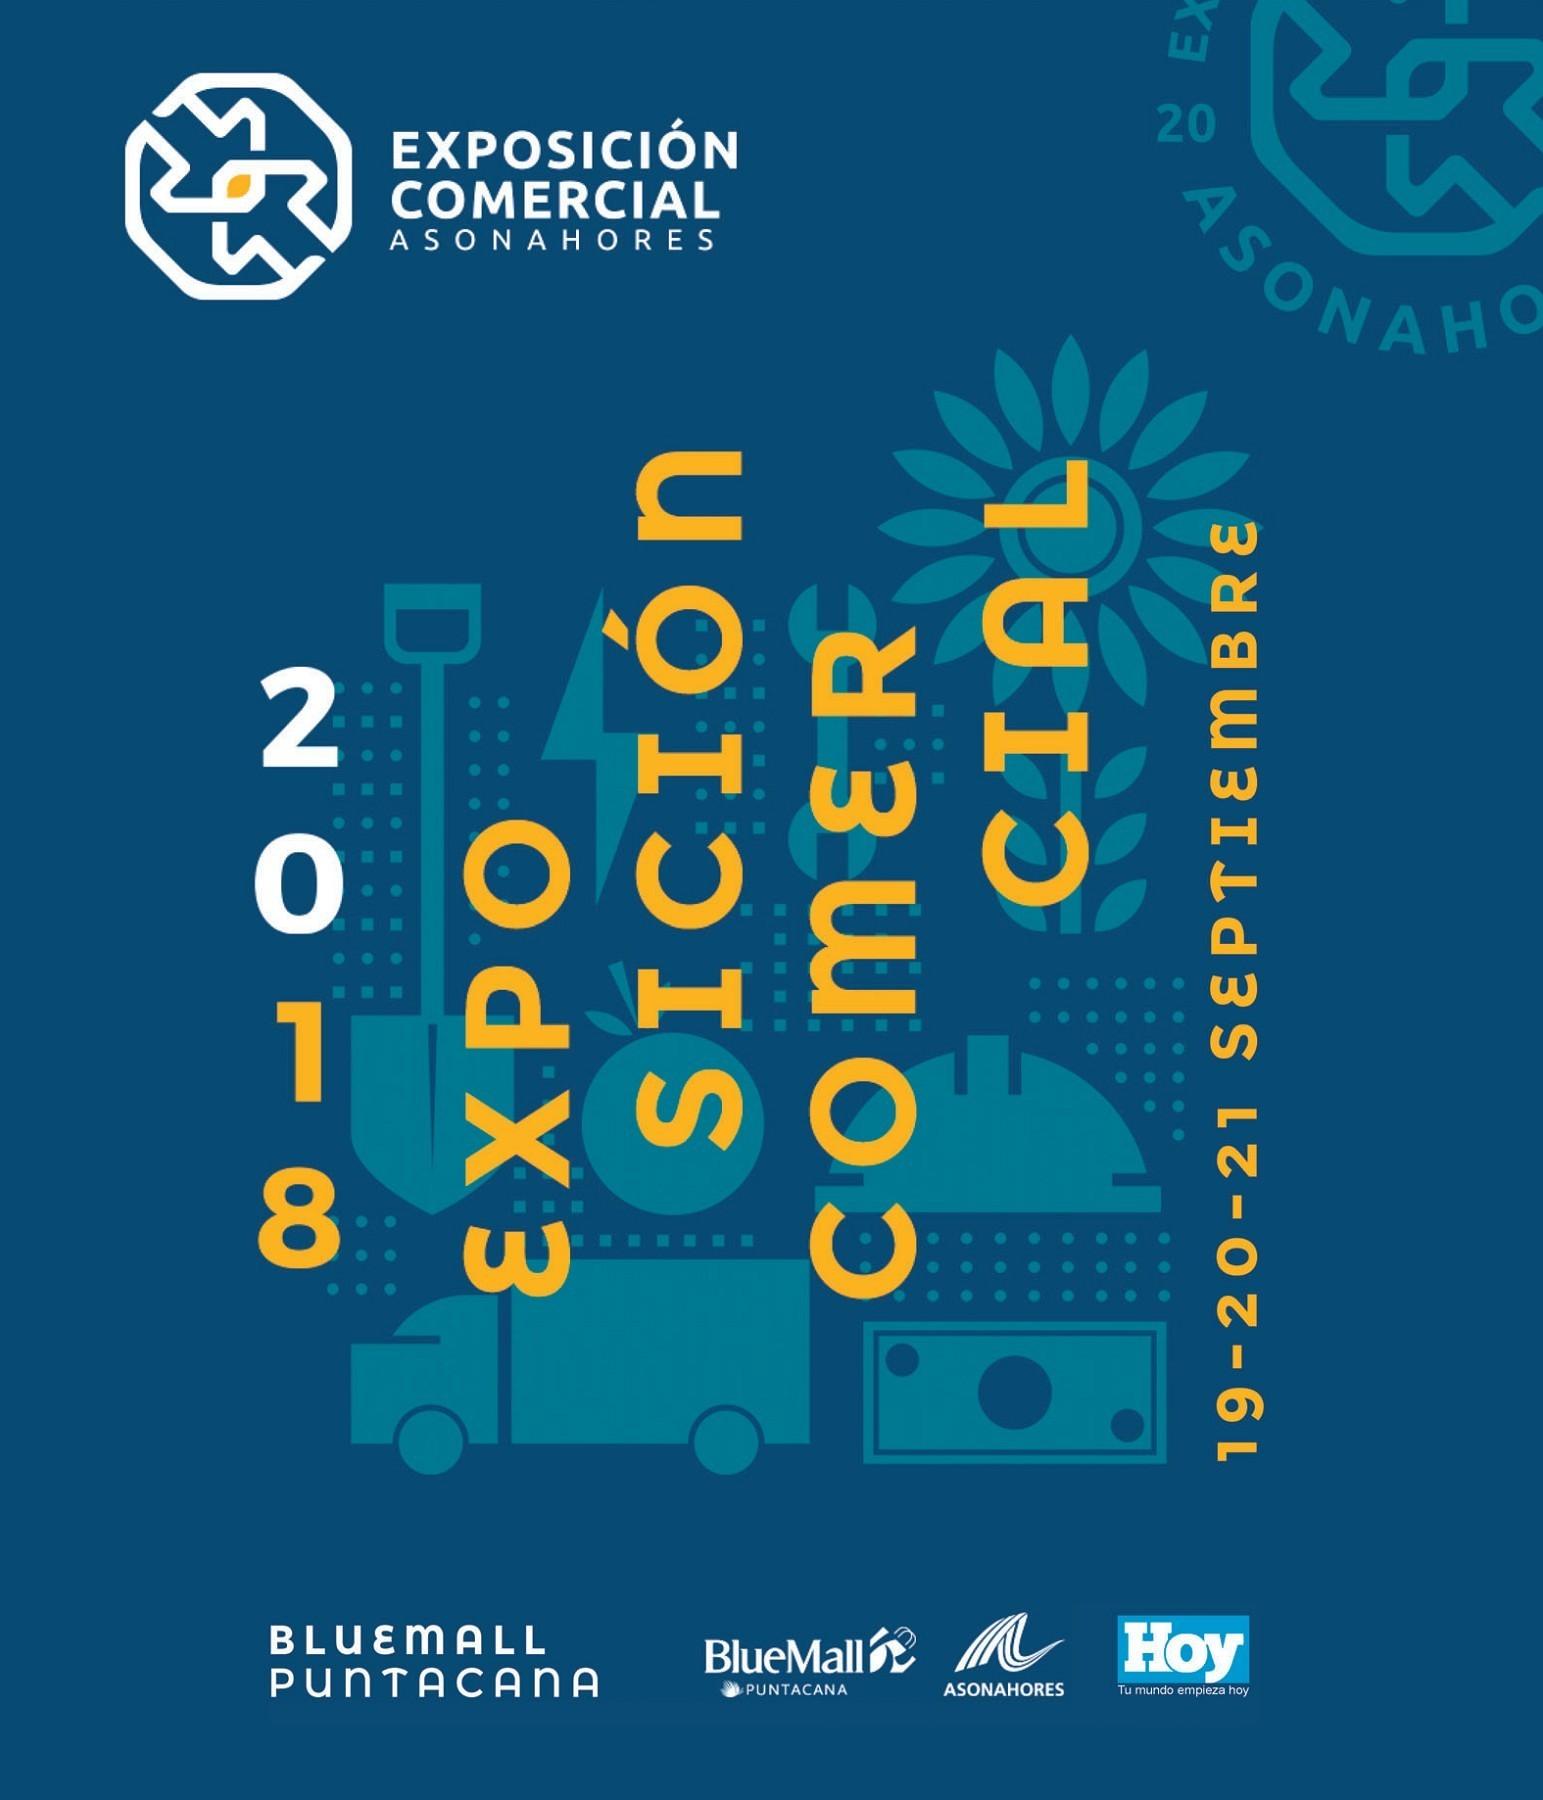 Calendario Escolar 2019 En Panama Más Recientes asonahores Miércoles 19 De Septiembre Del 2018 Pages 1 50 Text